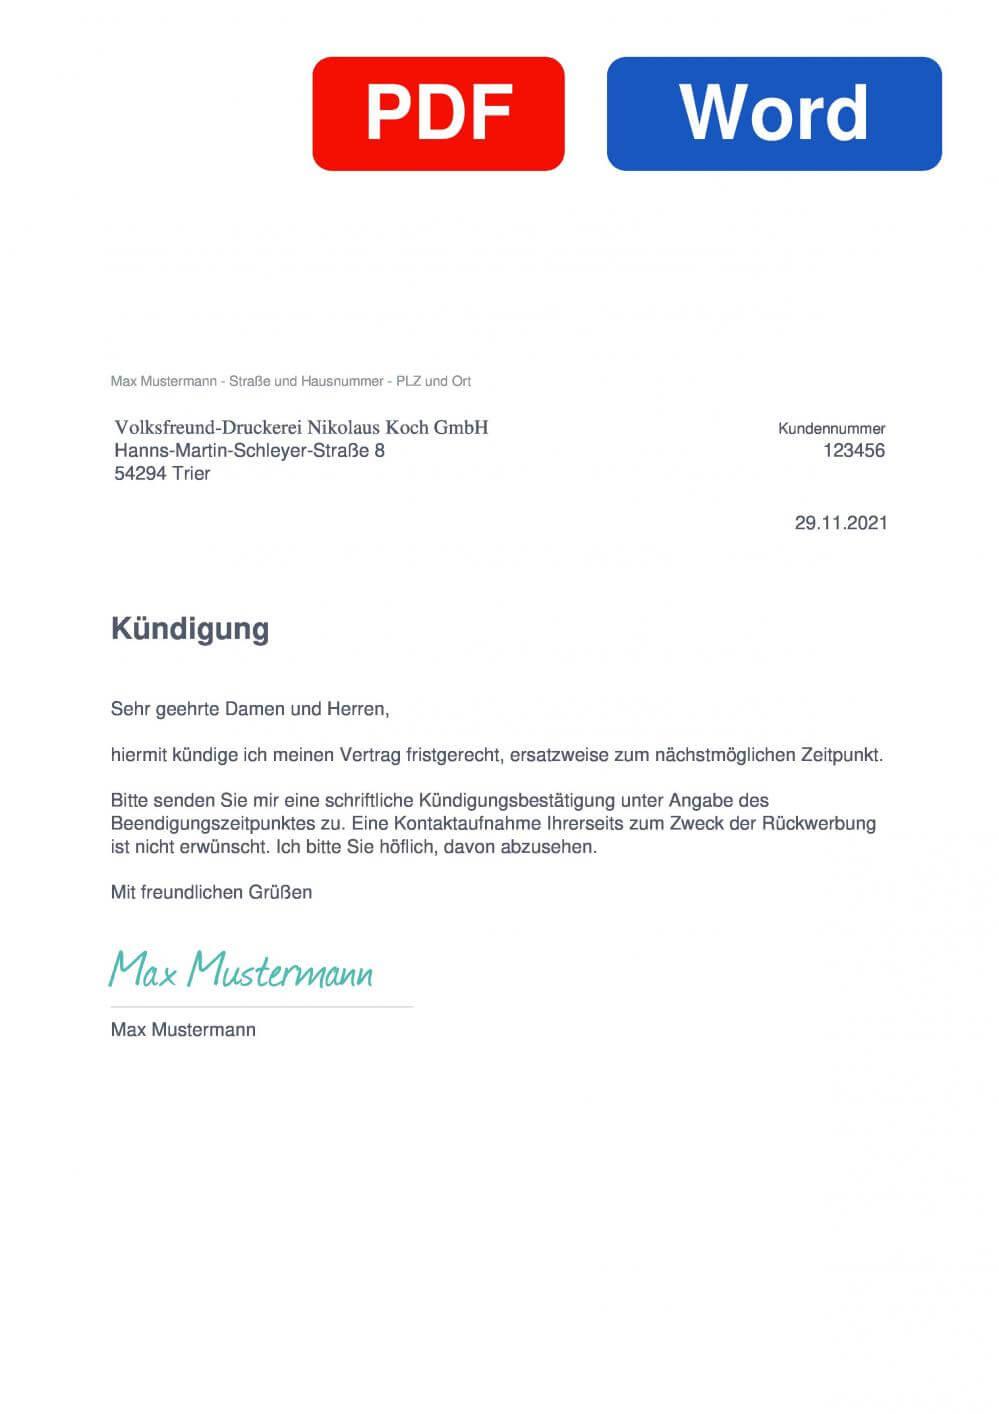 Trierischer Volksfreund Muster Vorlage für Kündigungsschreiben